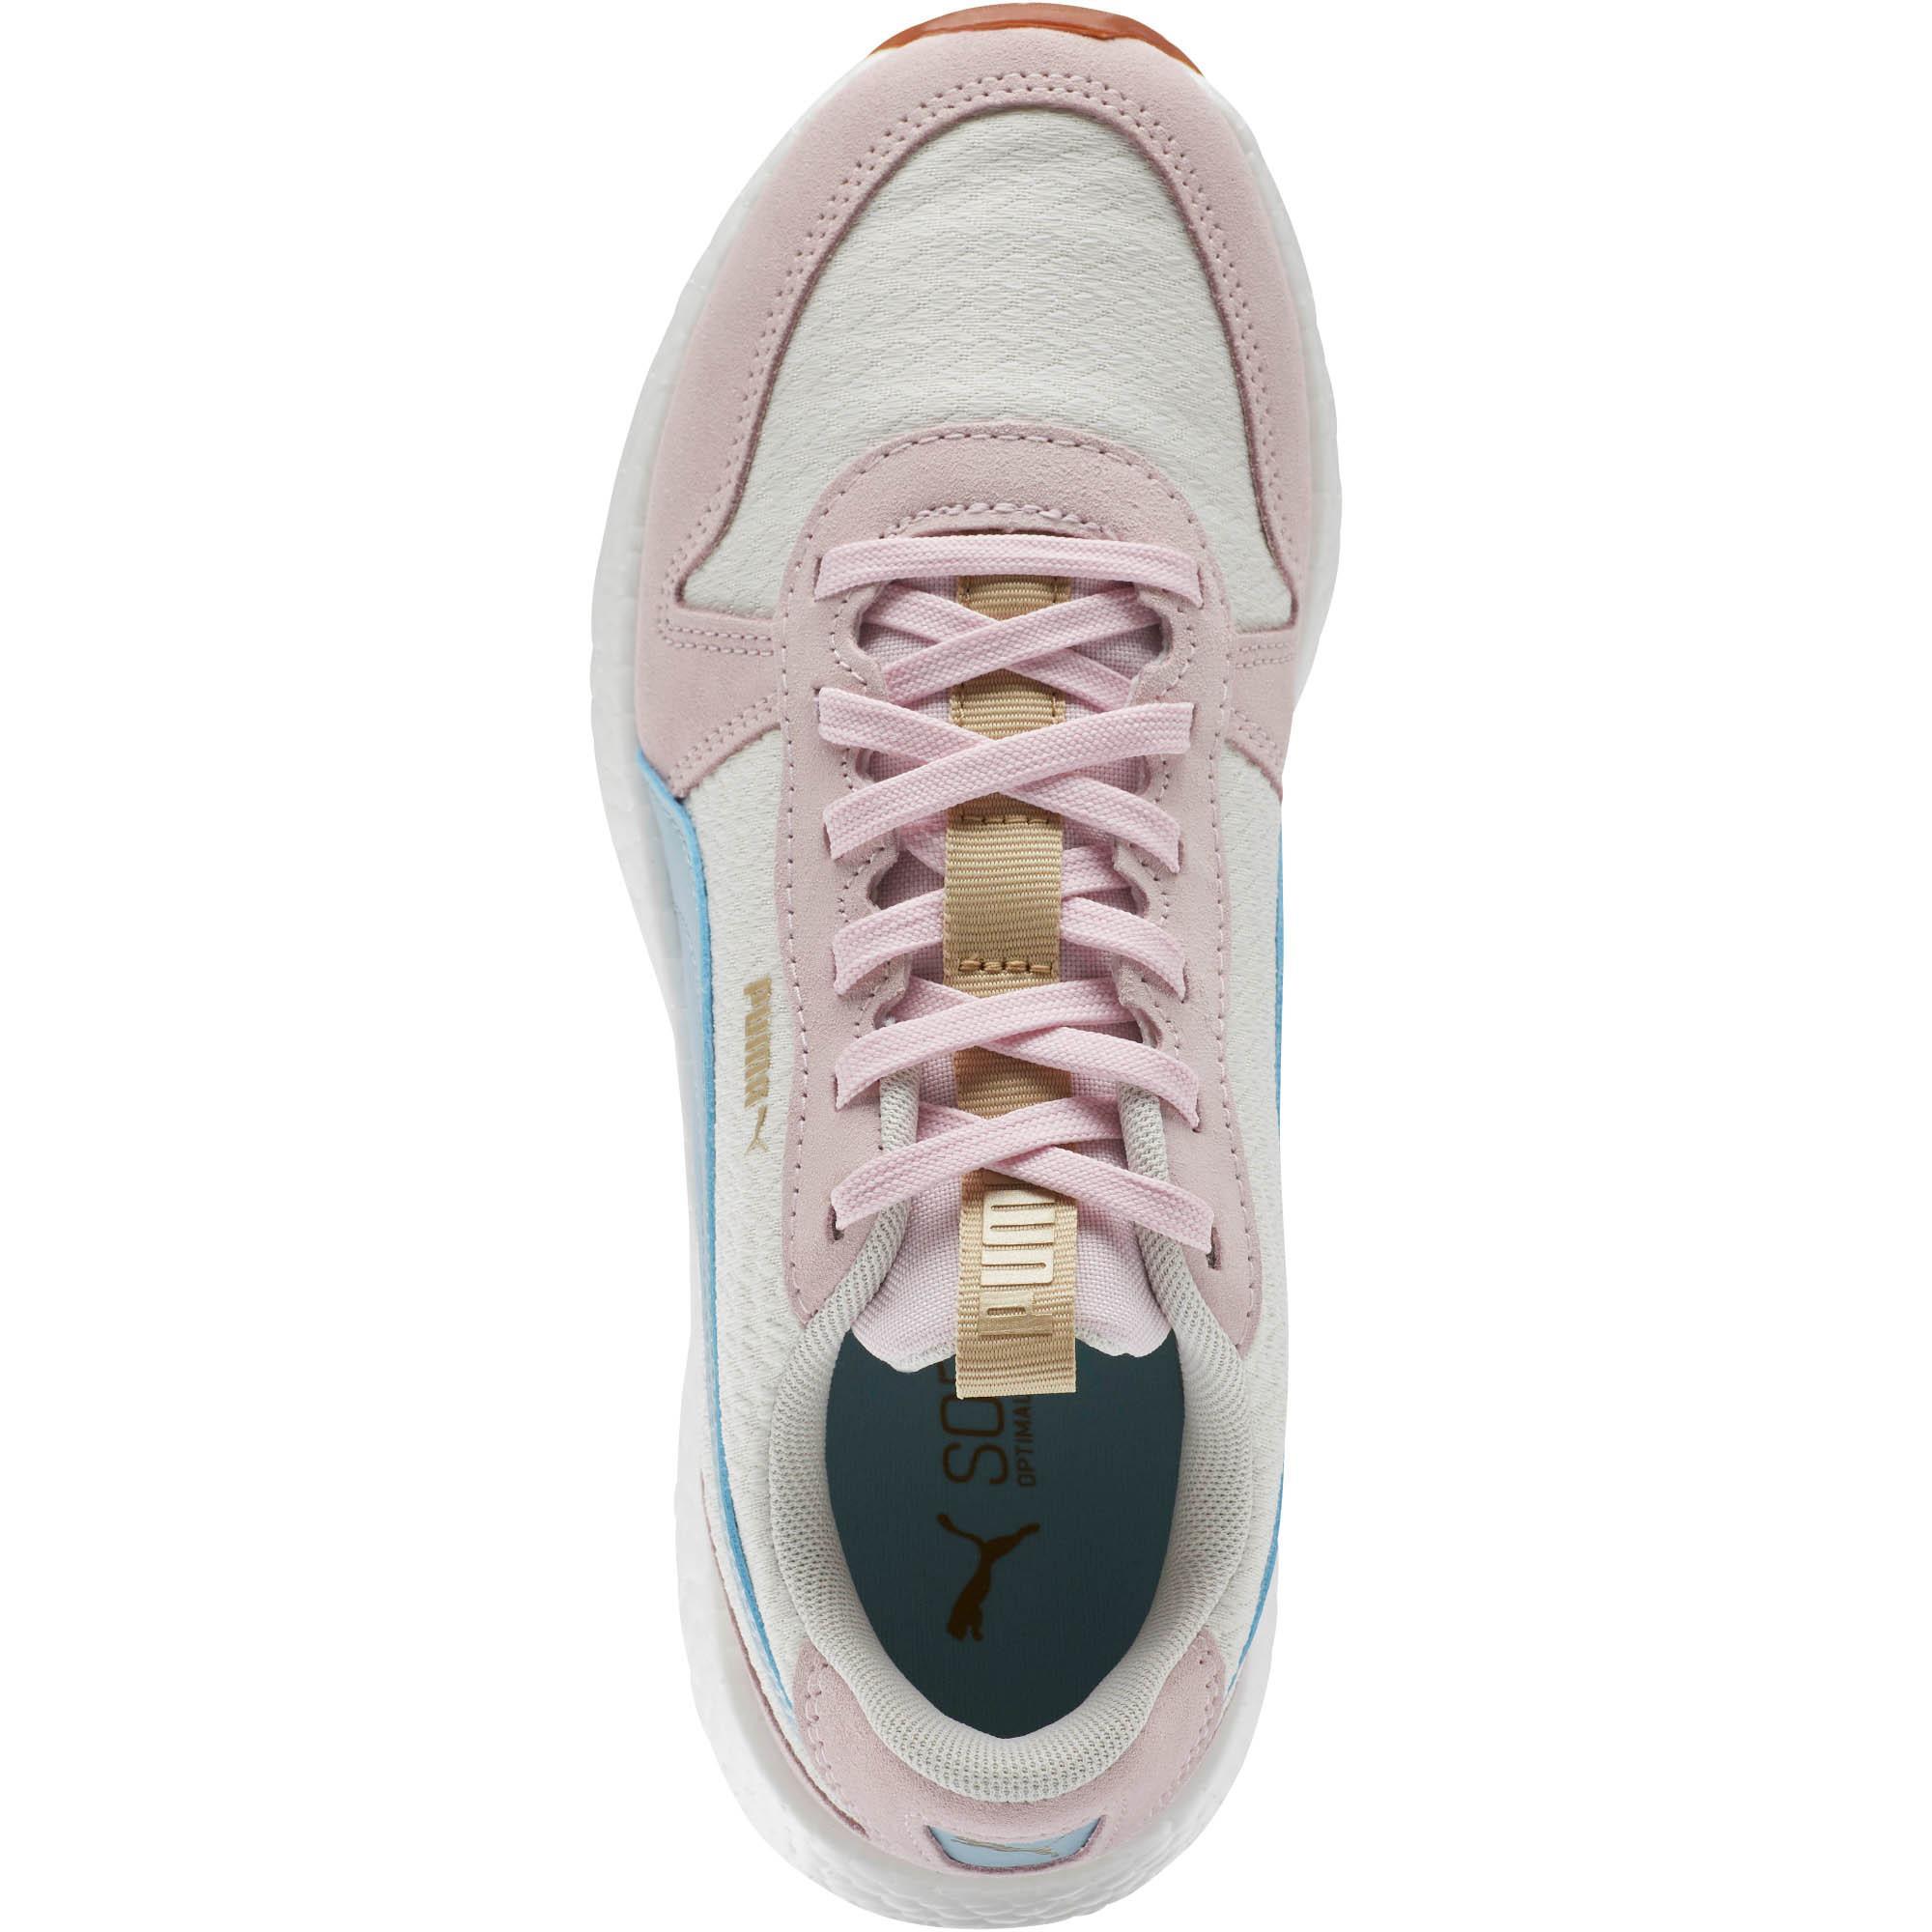 Nrgy Neko Retro Sweet Women's Street Running Shoes